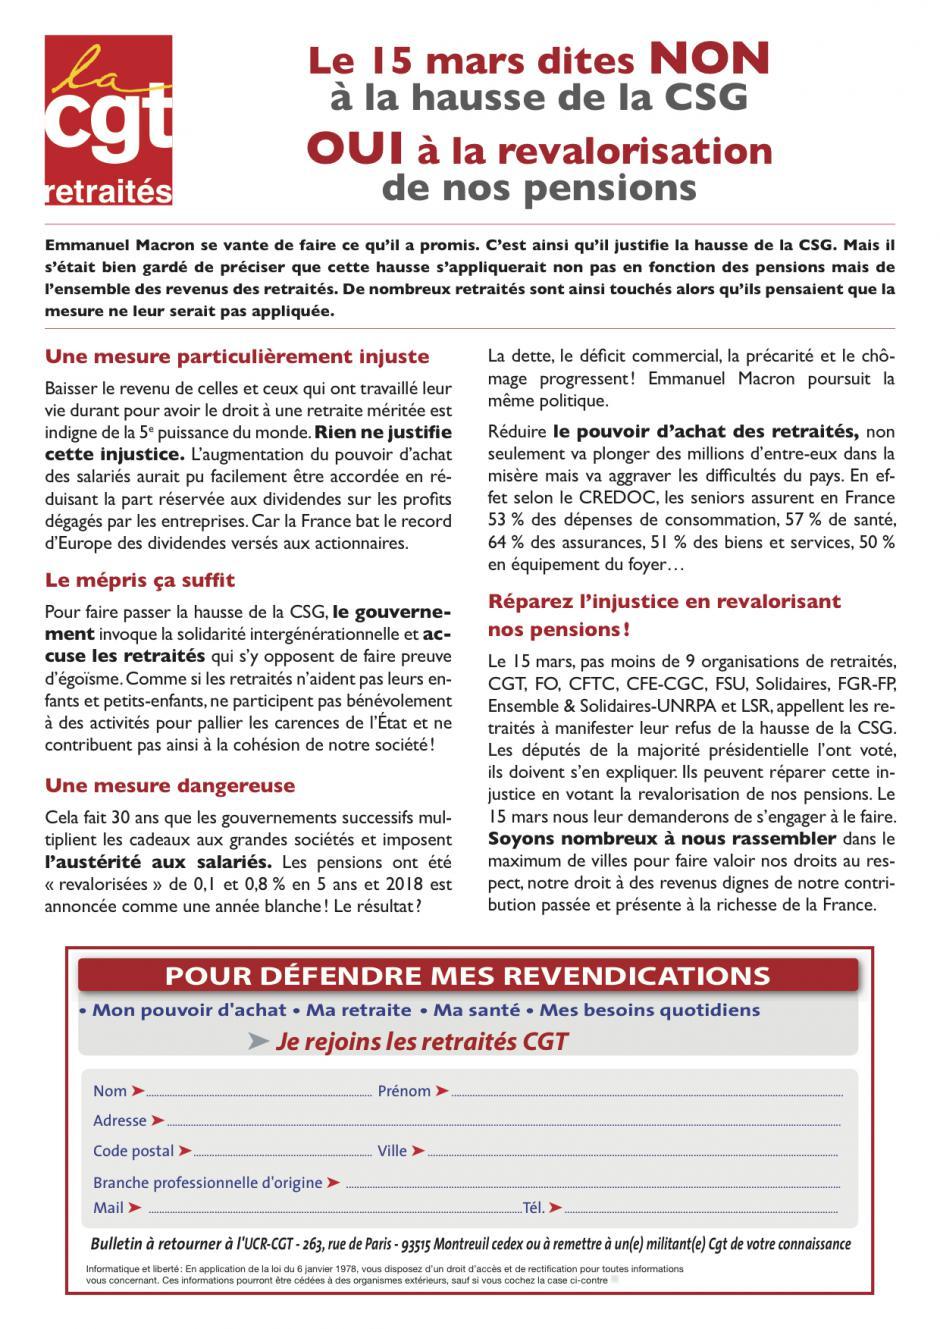 Tract « Non à la hausse de la CGS - Oui à la revalorisation de nos retraite » - UCR-CGT, février 2018